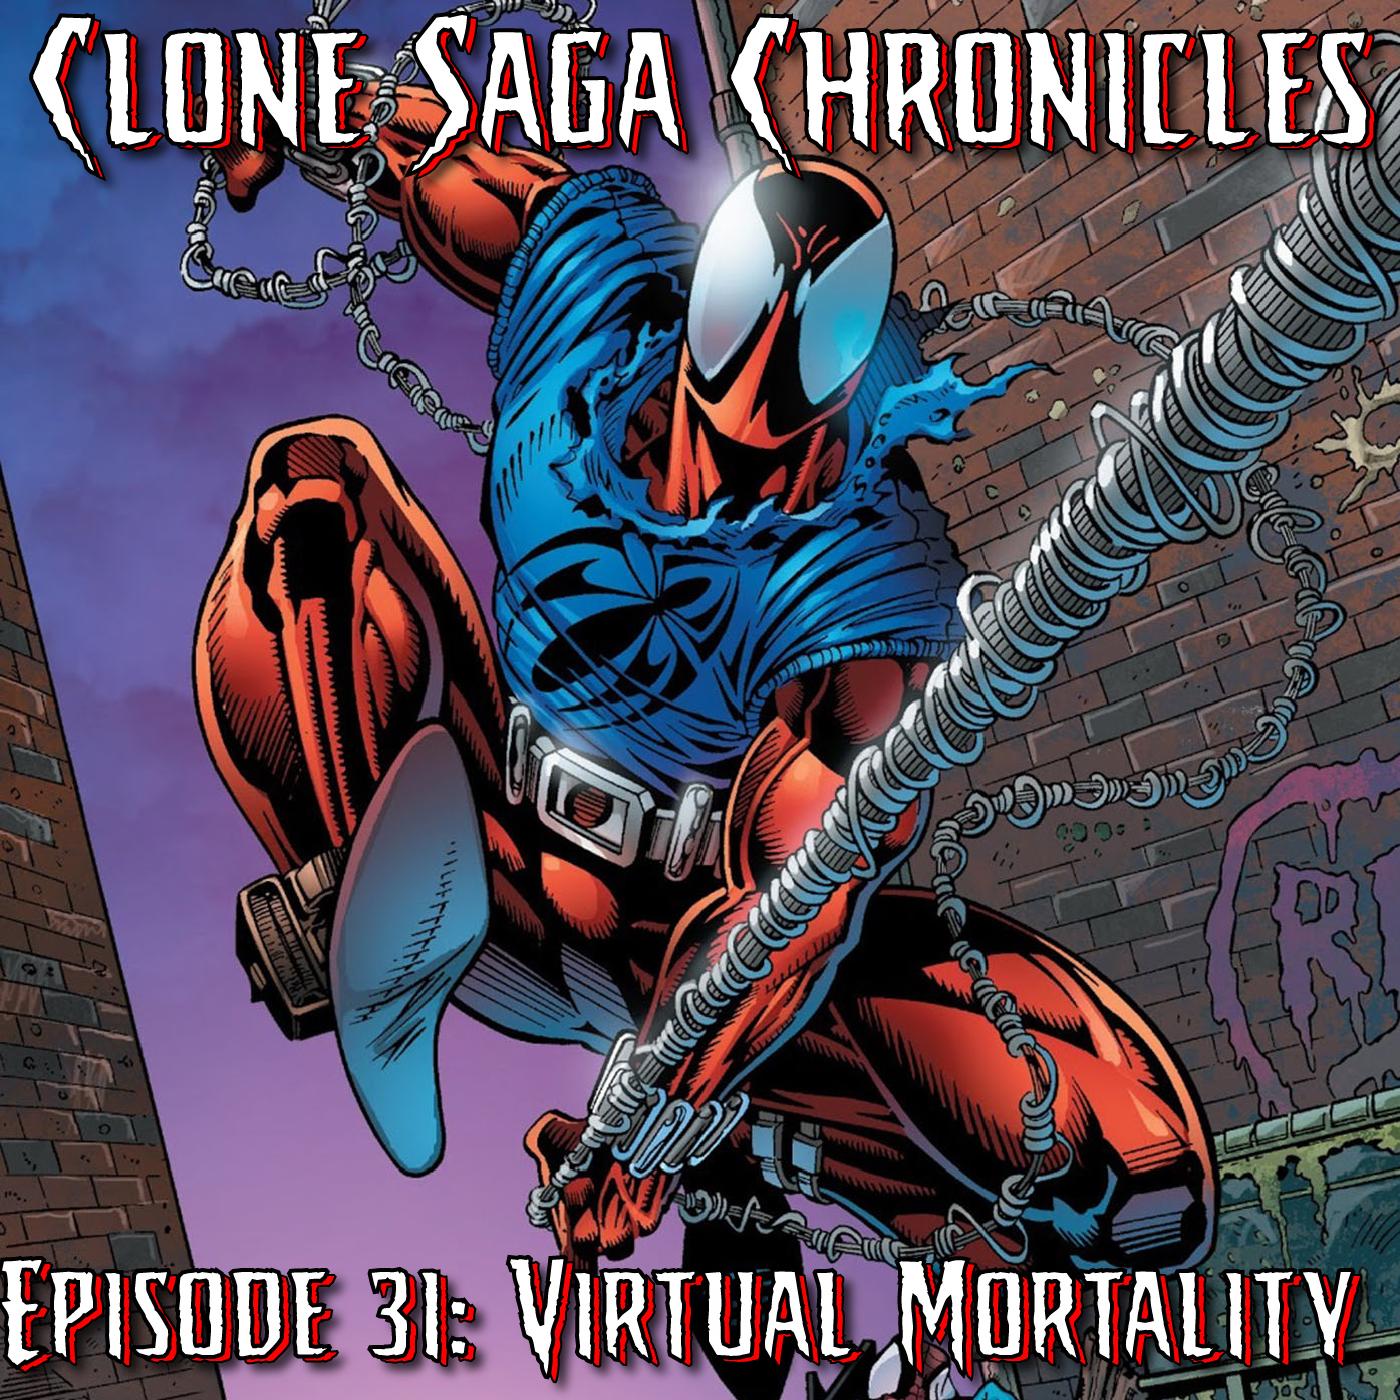 CSC Episode 31: Virtual Mortality (November 1995)